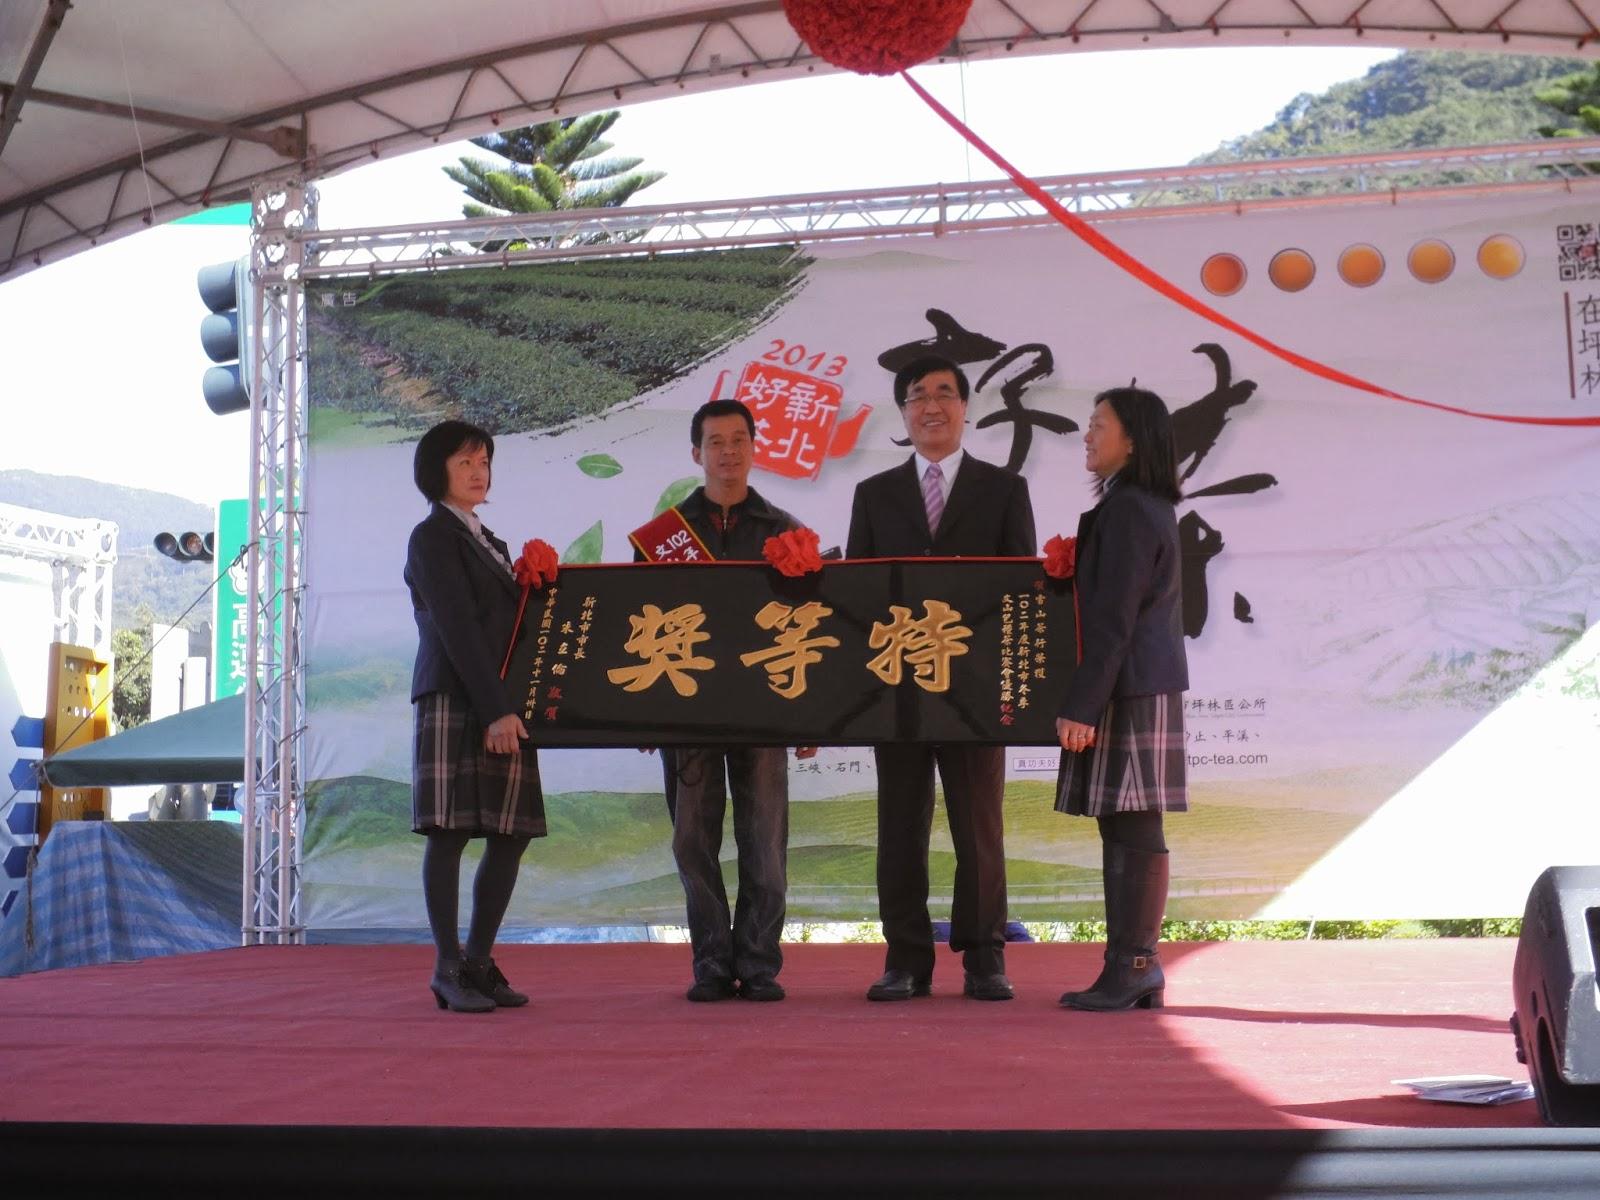 文山報導雜誌: 2013新北好茶節在坪林 12月歡迎體驗茶鄉文化